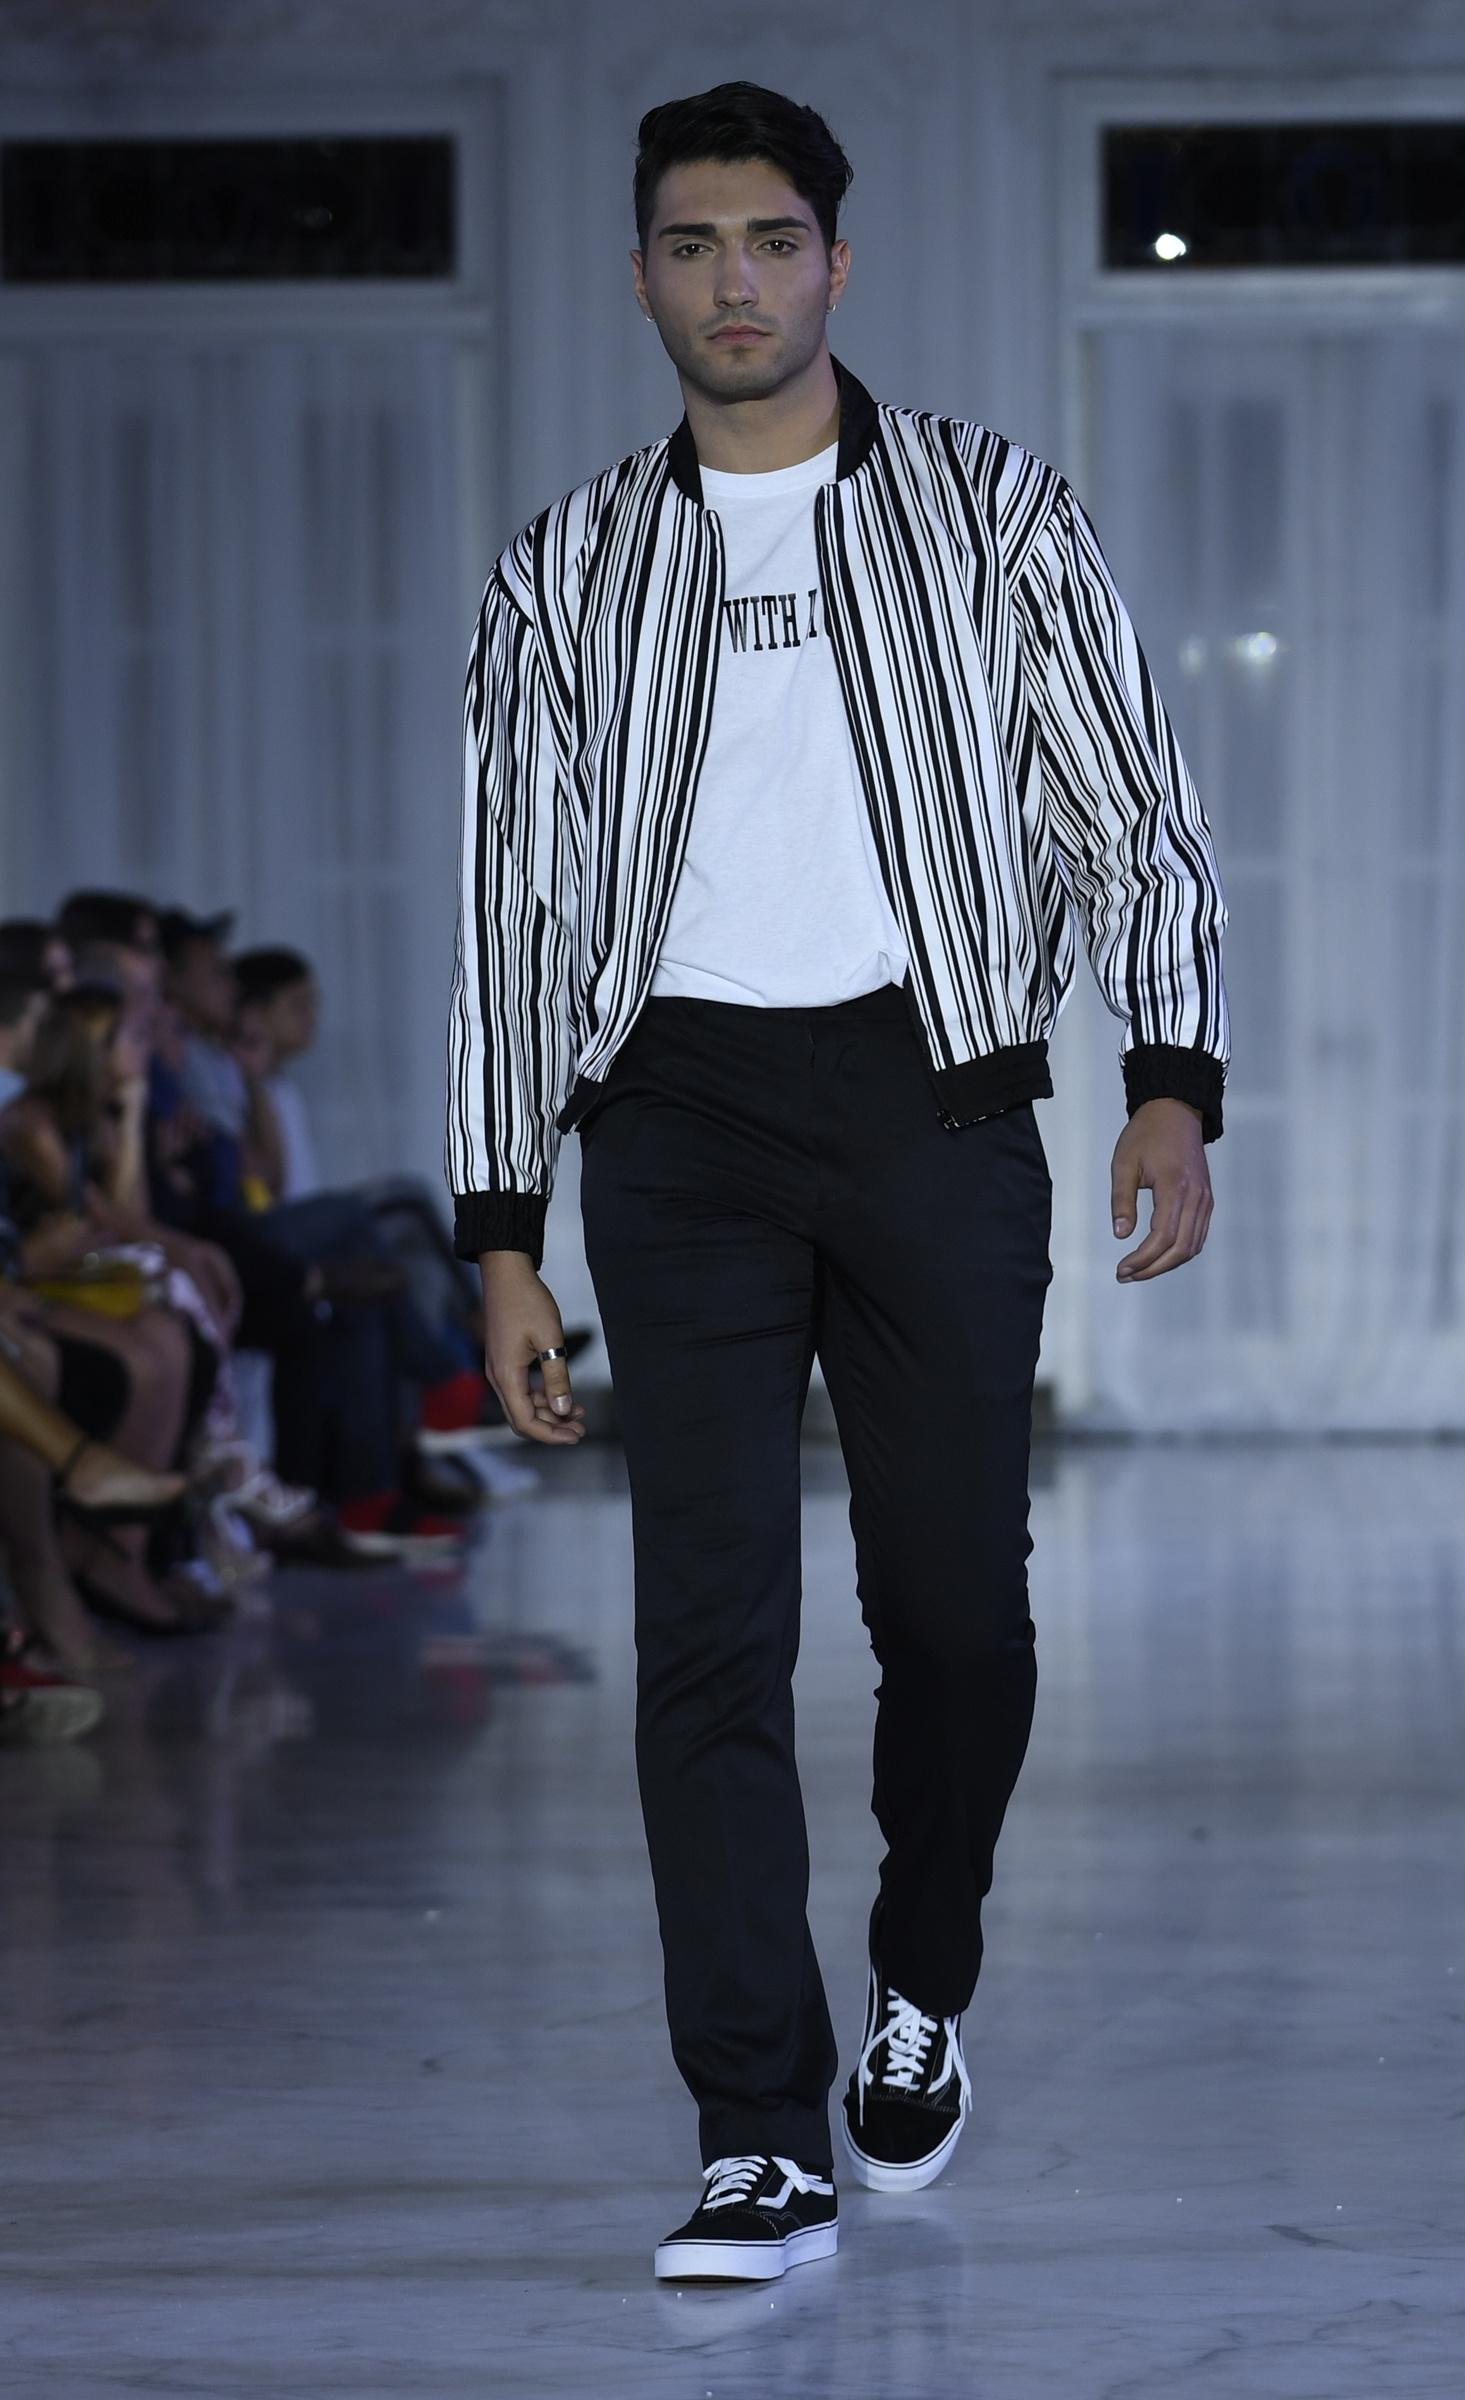 El blanco y negro hizo su aparición con un toque deportivo, en la moda para caballeros de Reynaldo José Flores. Foto Ángel Luis García